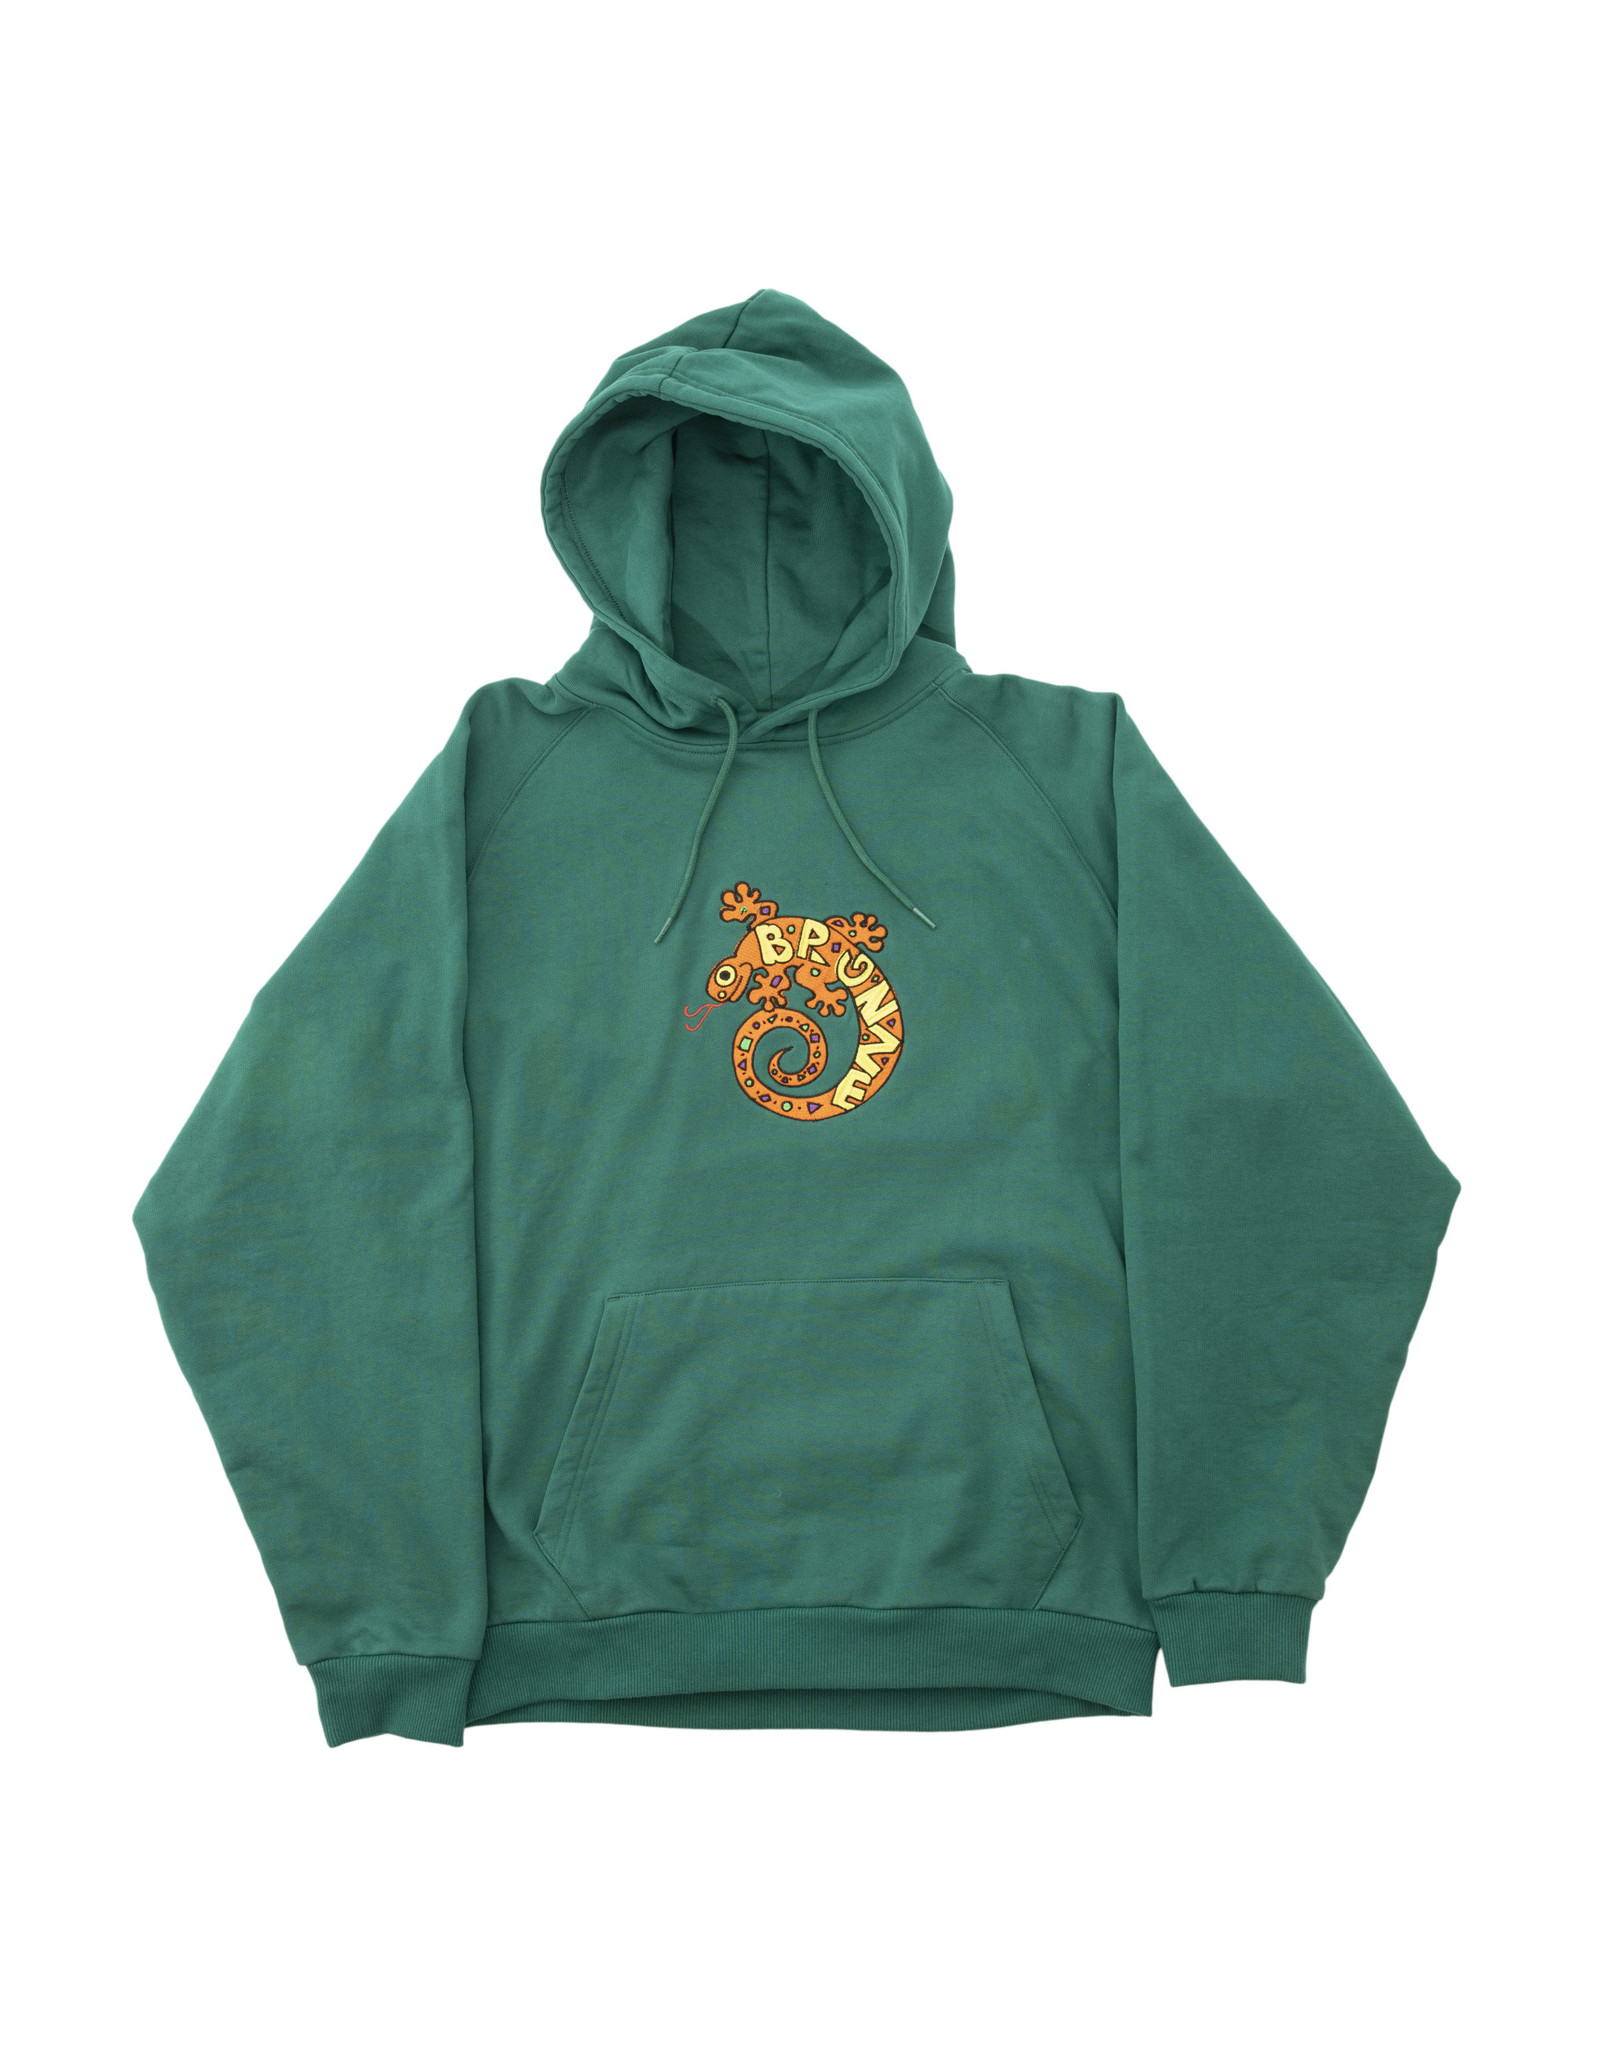 Bronze56K Lzrd Hoody - Emerald